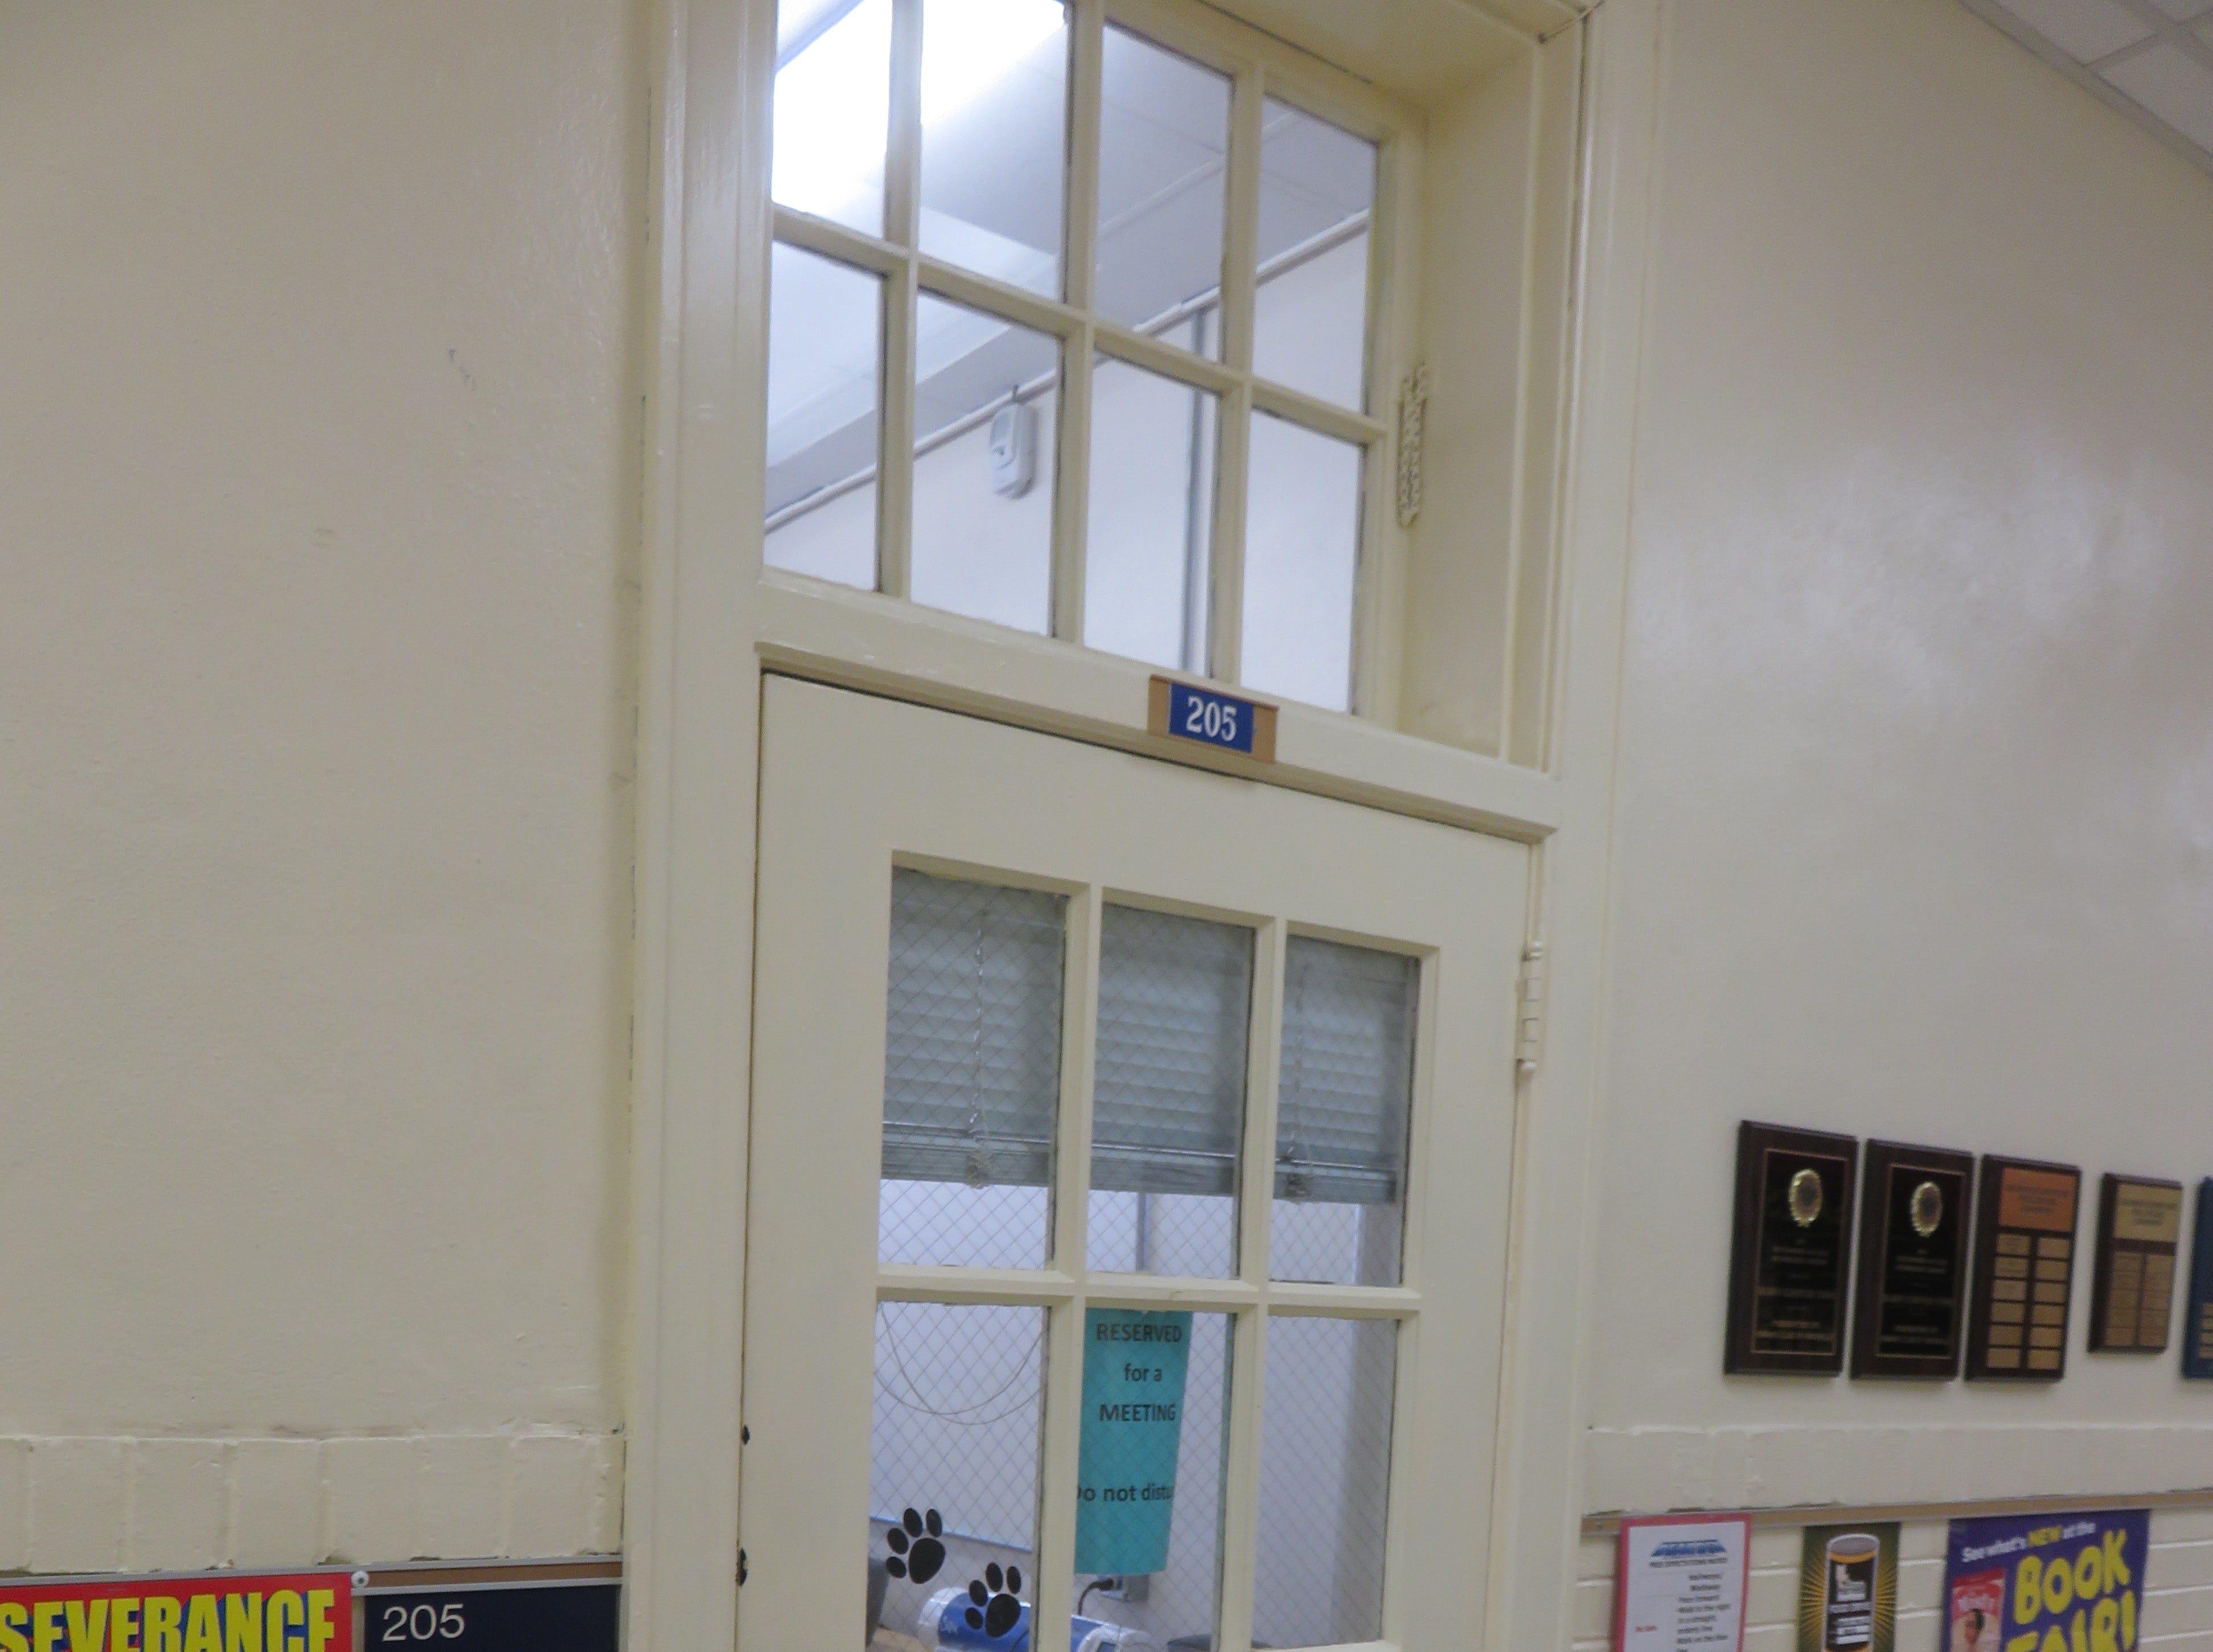 Old doors inside Bearden Elementary feature window transoms.